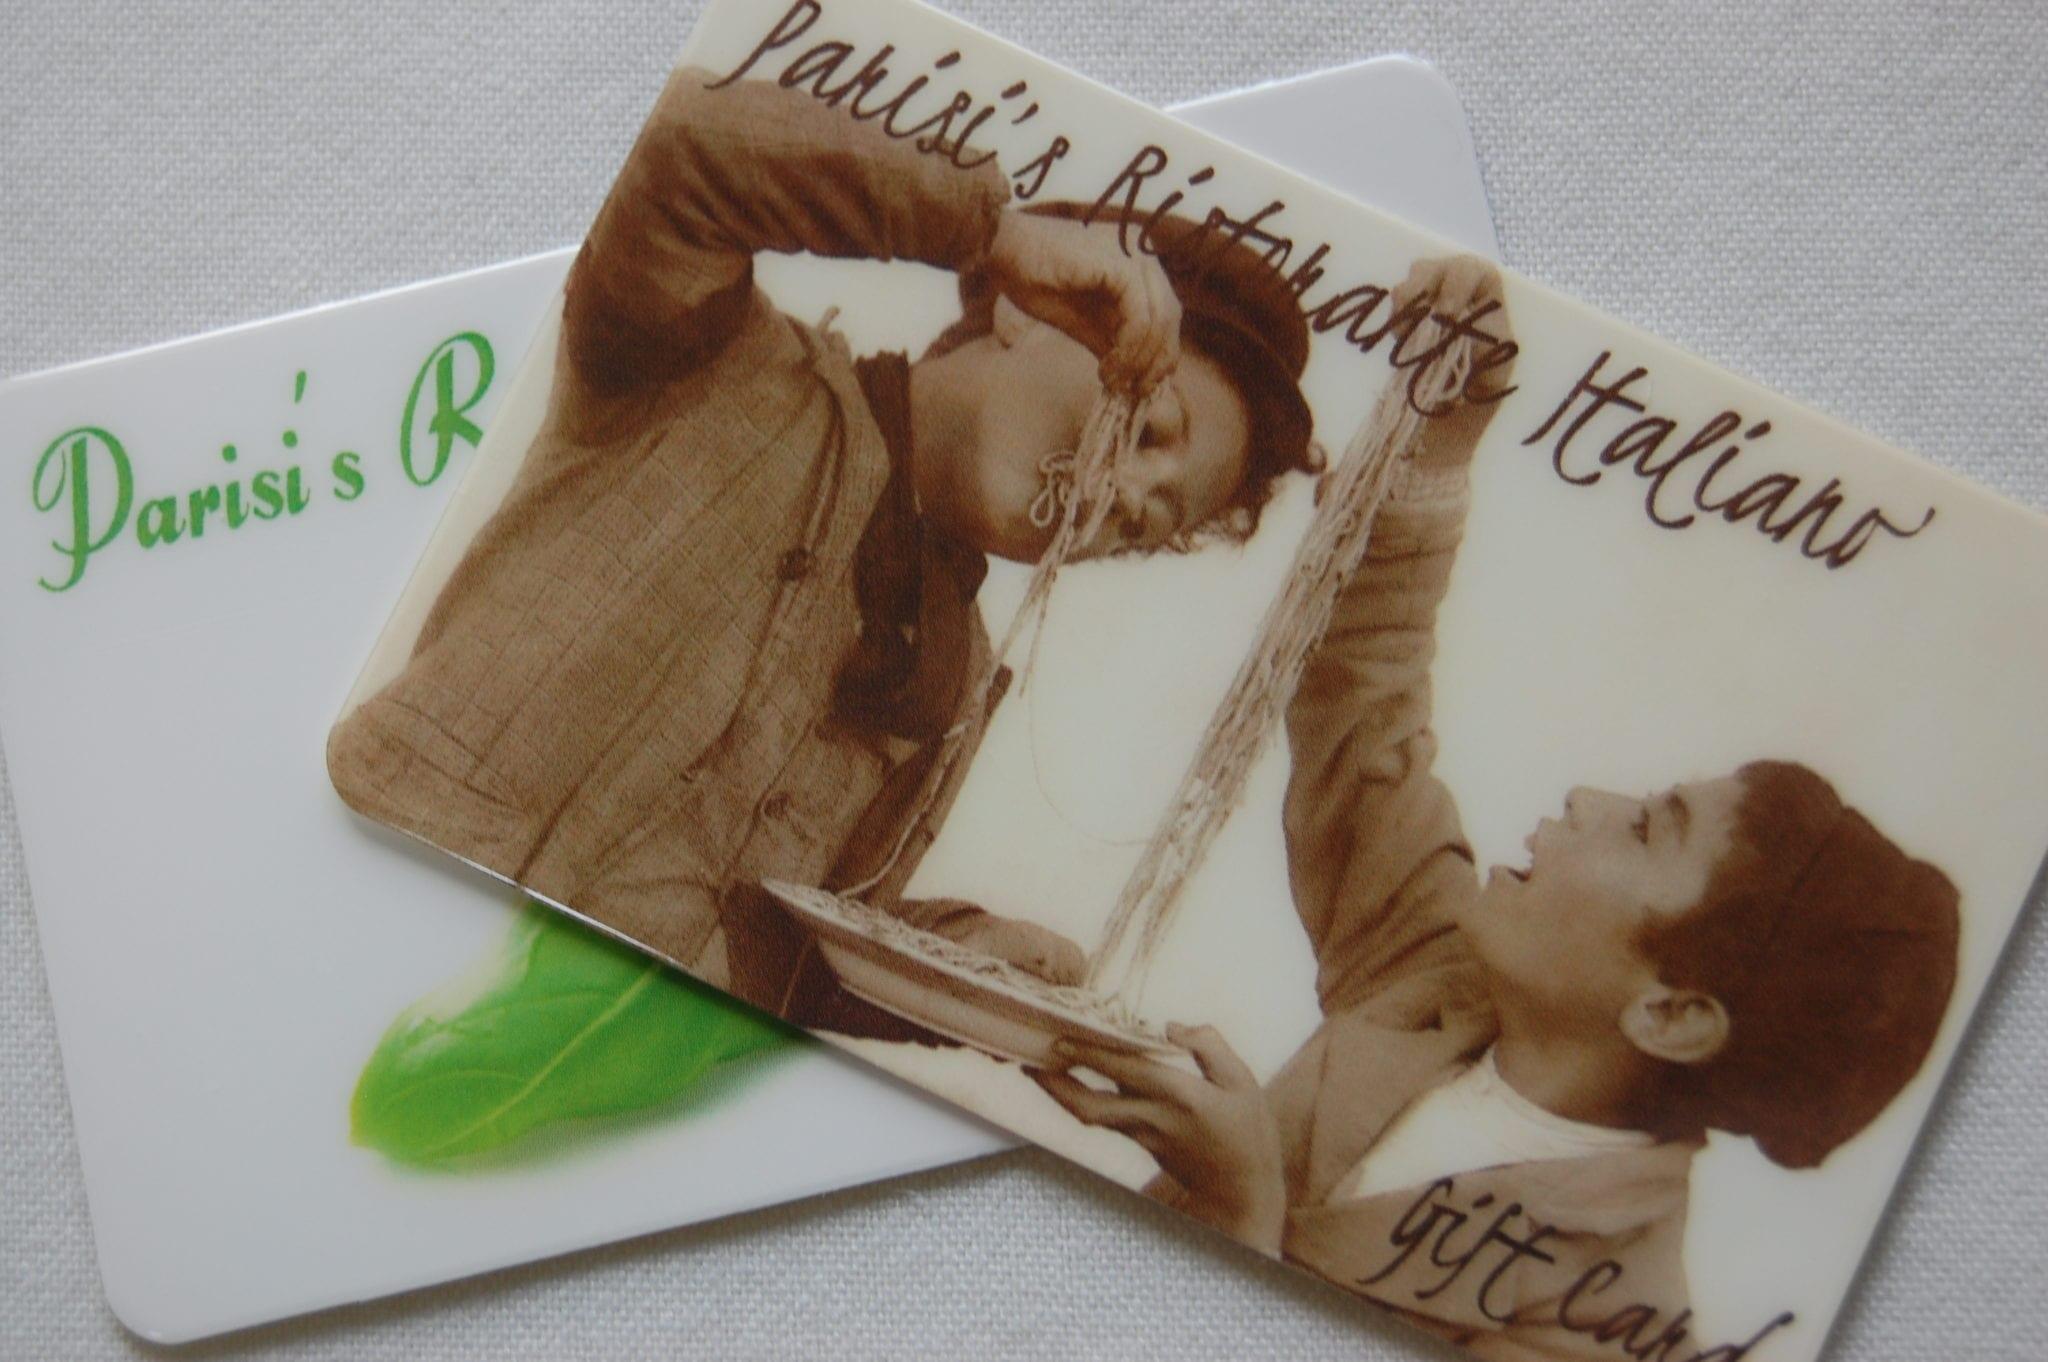 Parisi's Restaurant Gift Cards